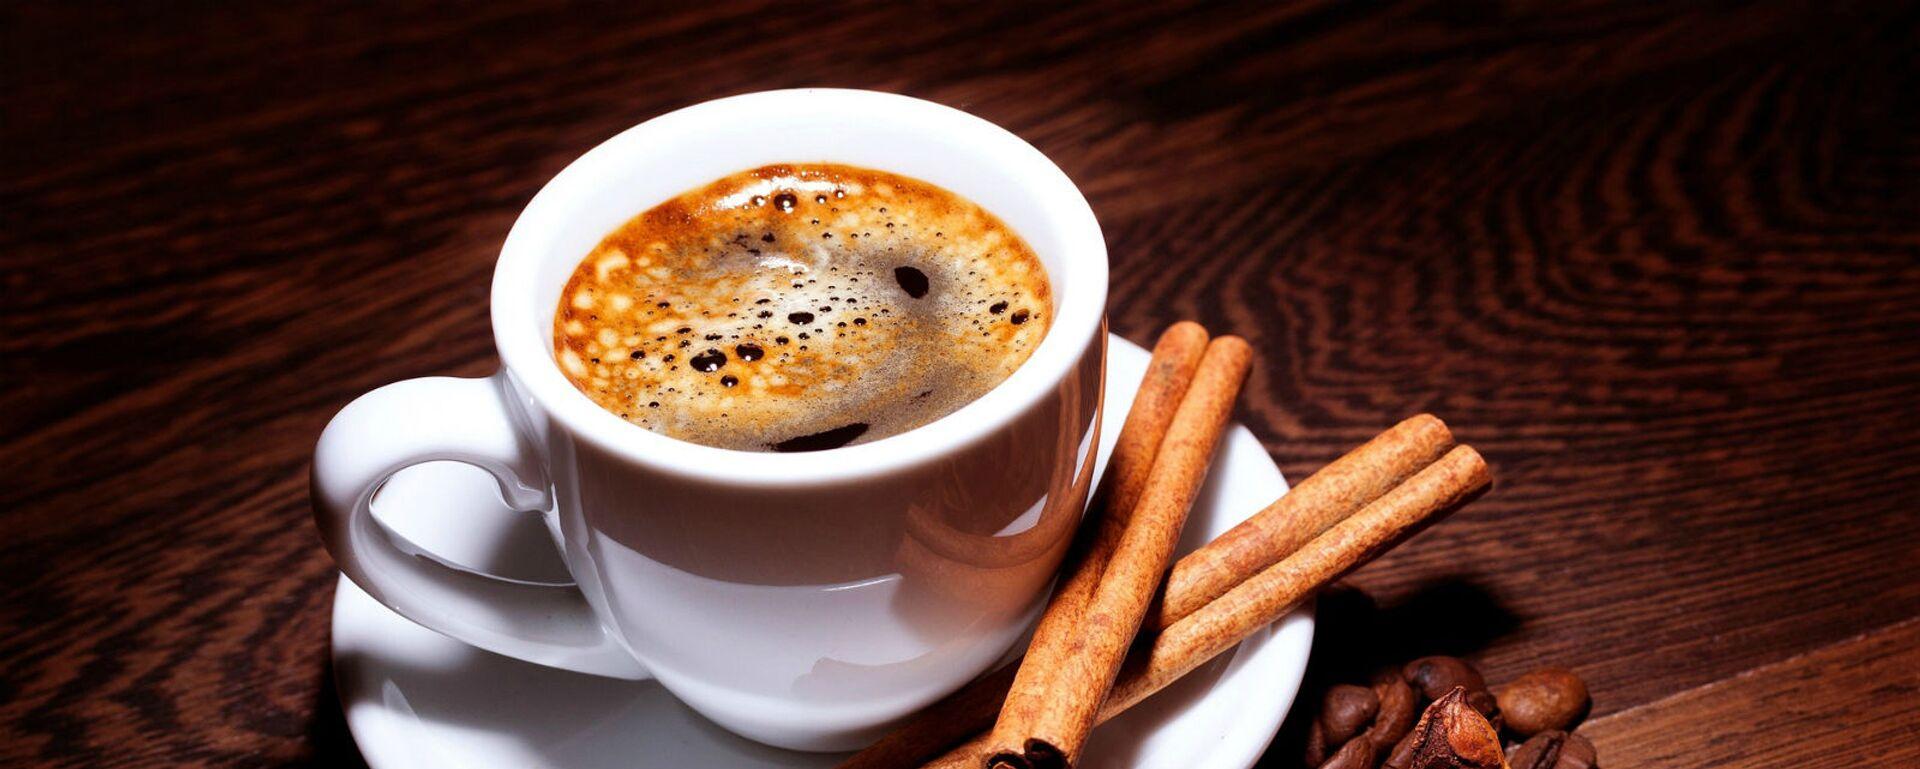 Чашка кофе с корицей - Sputnik Արմենիա, 1920, 29.06.2021